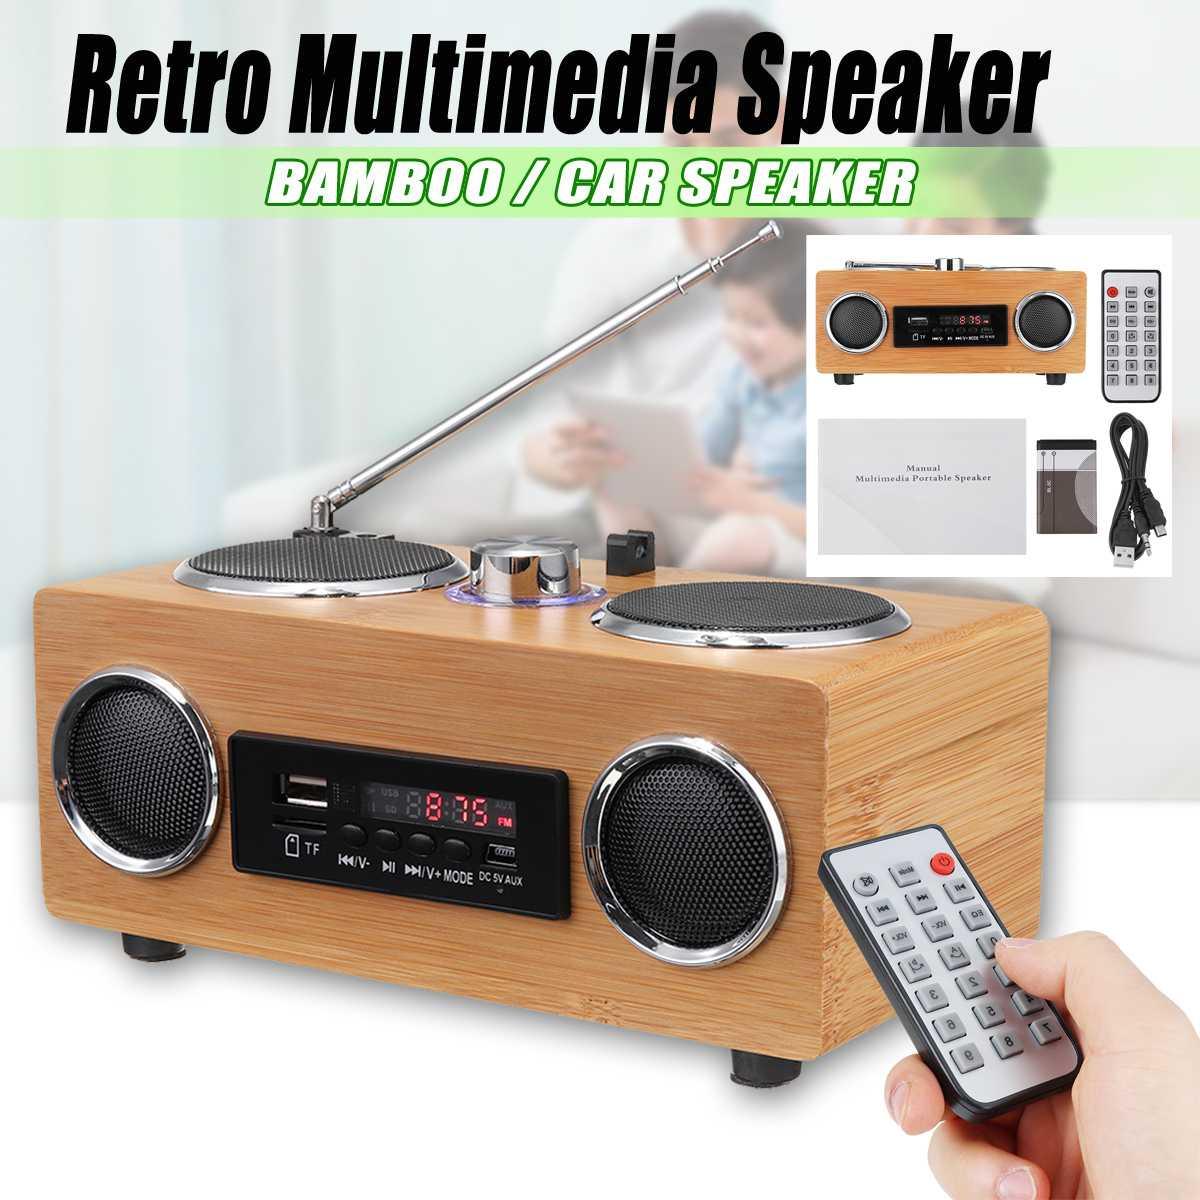 Retro Vintage Radio Supergraves FM Radio bambú Multimedia altavoz clásico receptor USB con reproductor MP3 Control remoto